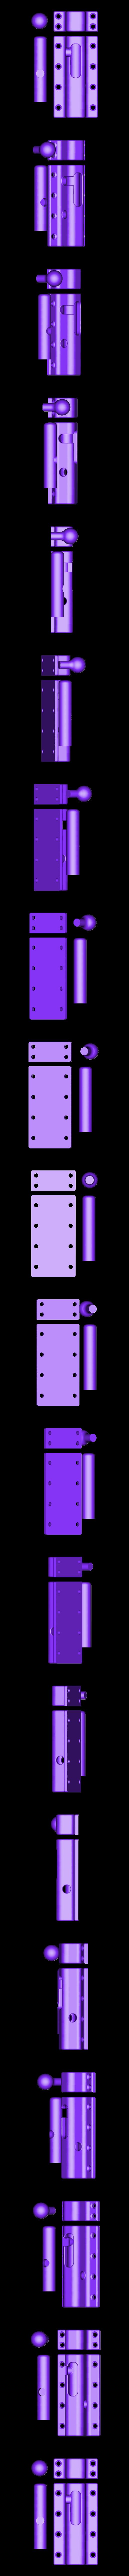 GateLockBoltComplete.stl Download free STL file Lockable gate bolt • 3D printer template, jps4you